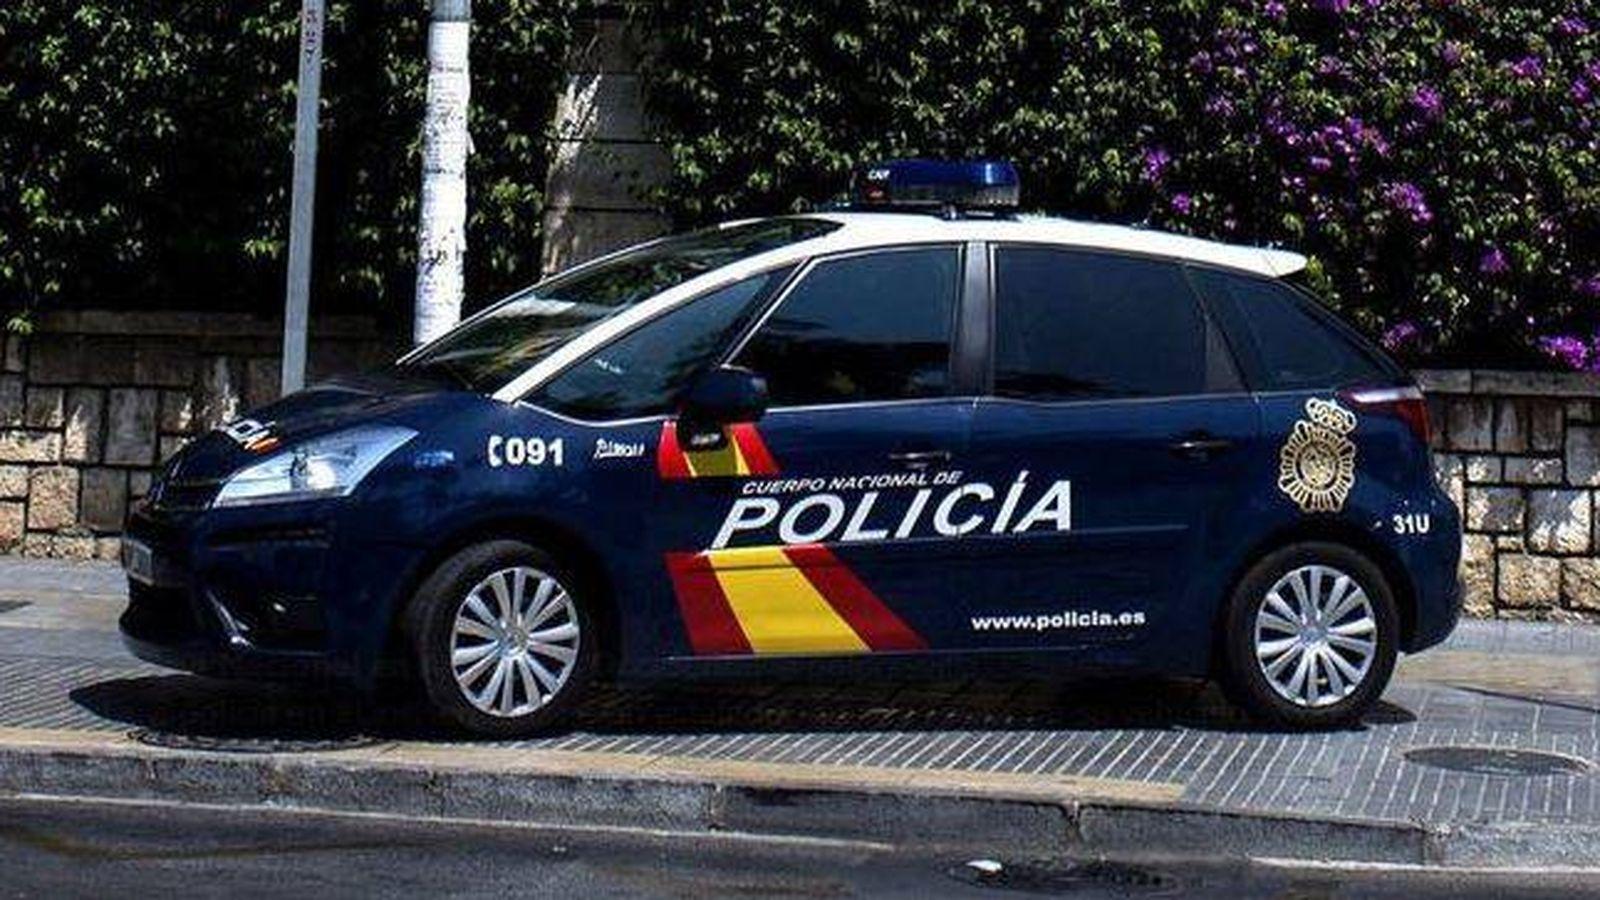 Foto: Investigan a una madre por tratar de ocultar a su hija menor, en situación de riesgo (Policía Nacional en Andalucía)